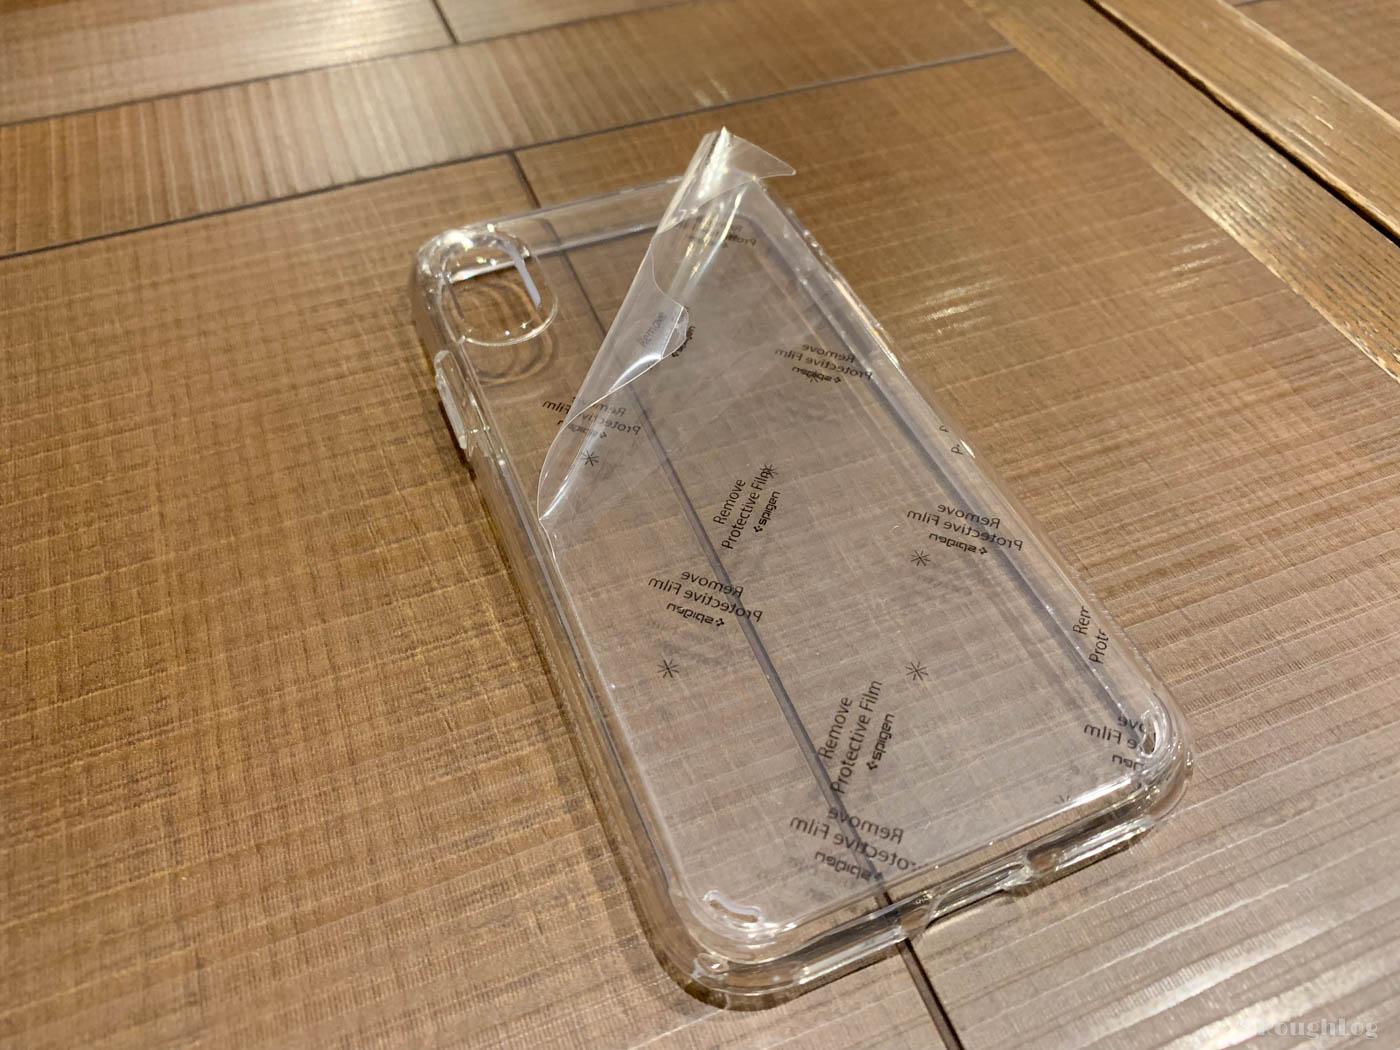 Spigen製iPhoneXSケース「ウルトラハイブリッド 」には傷防止のために保護シートが貼られている